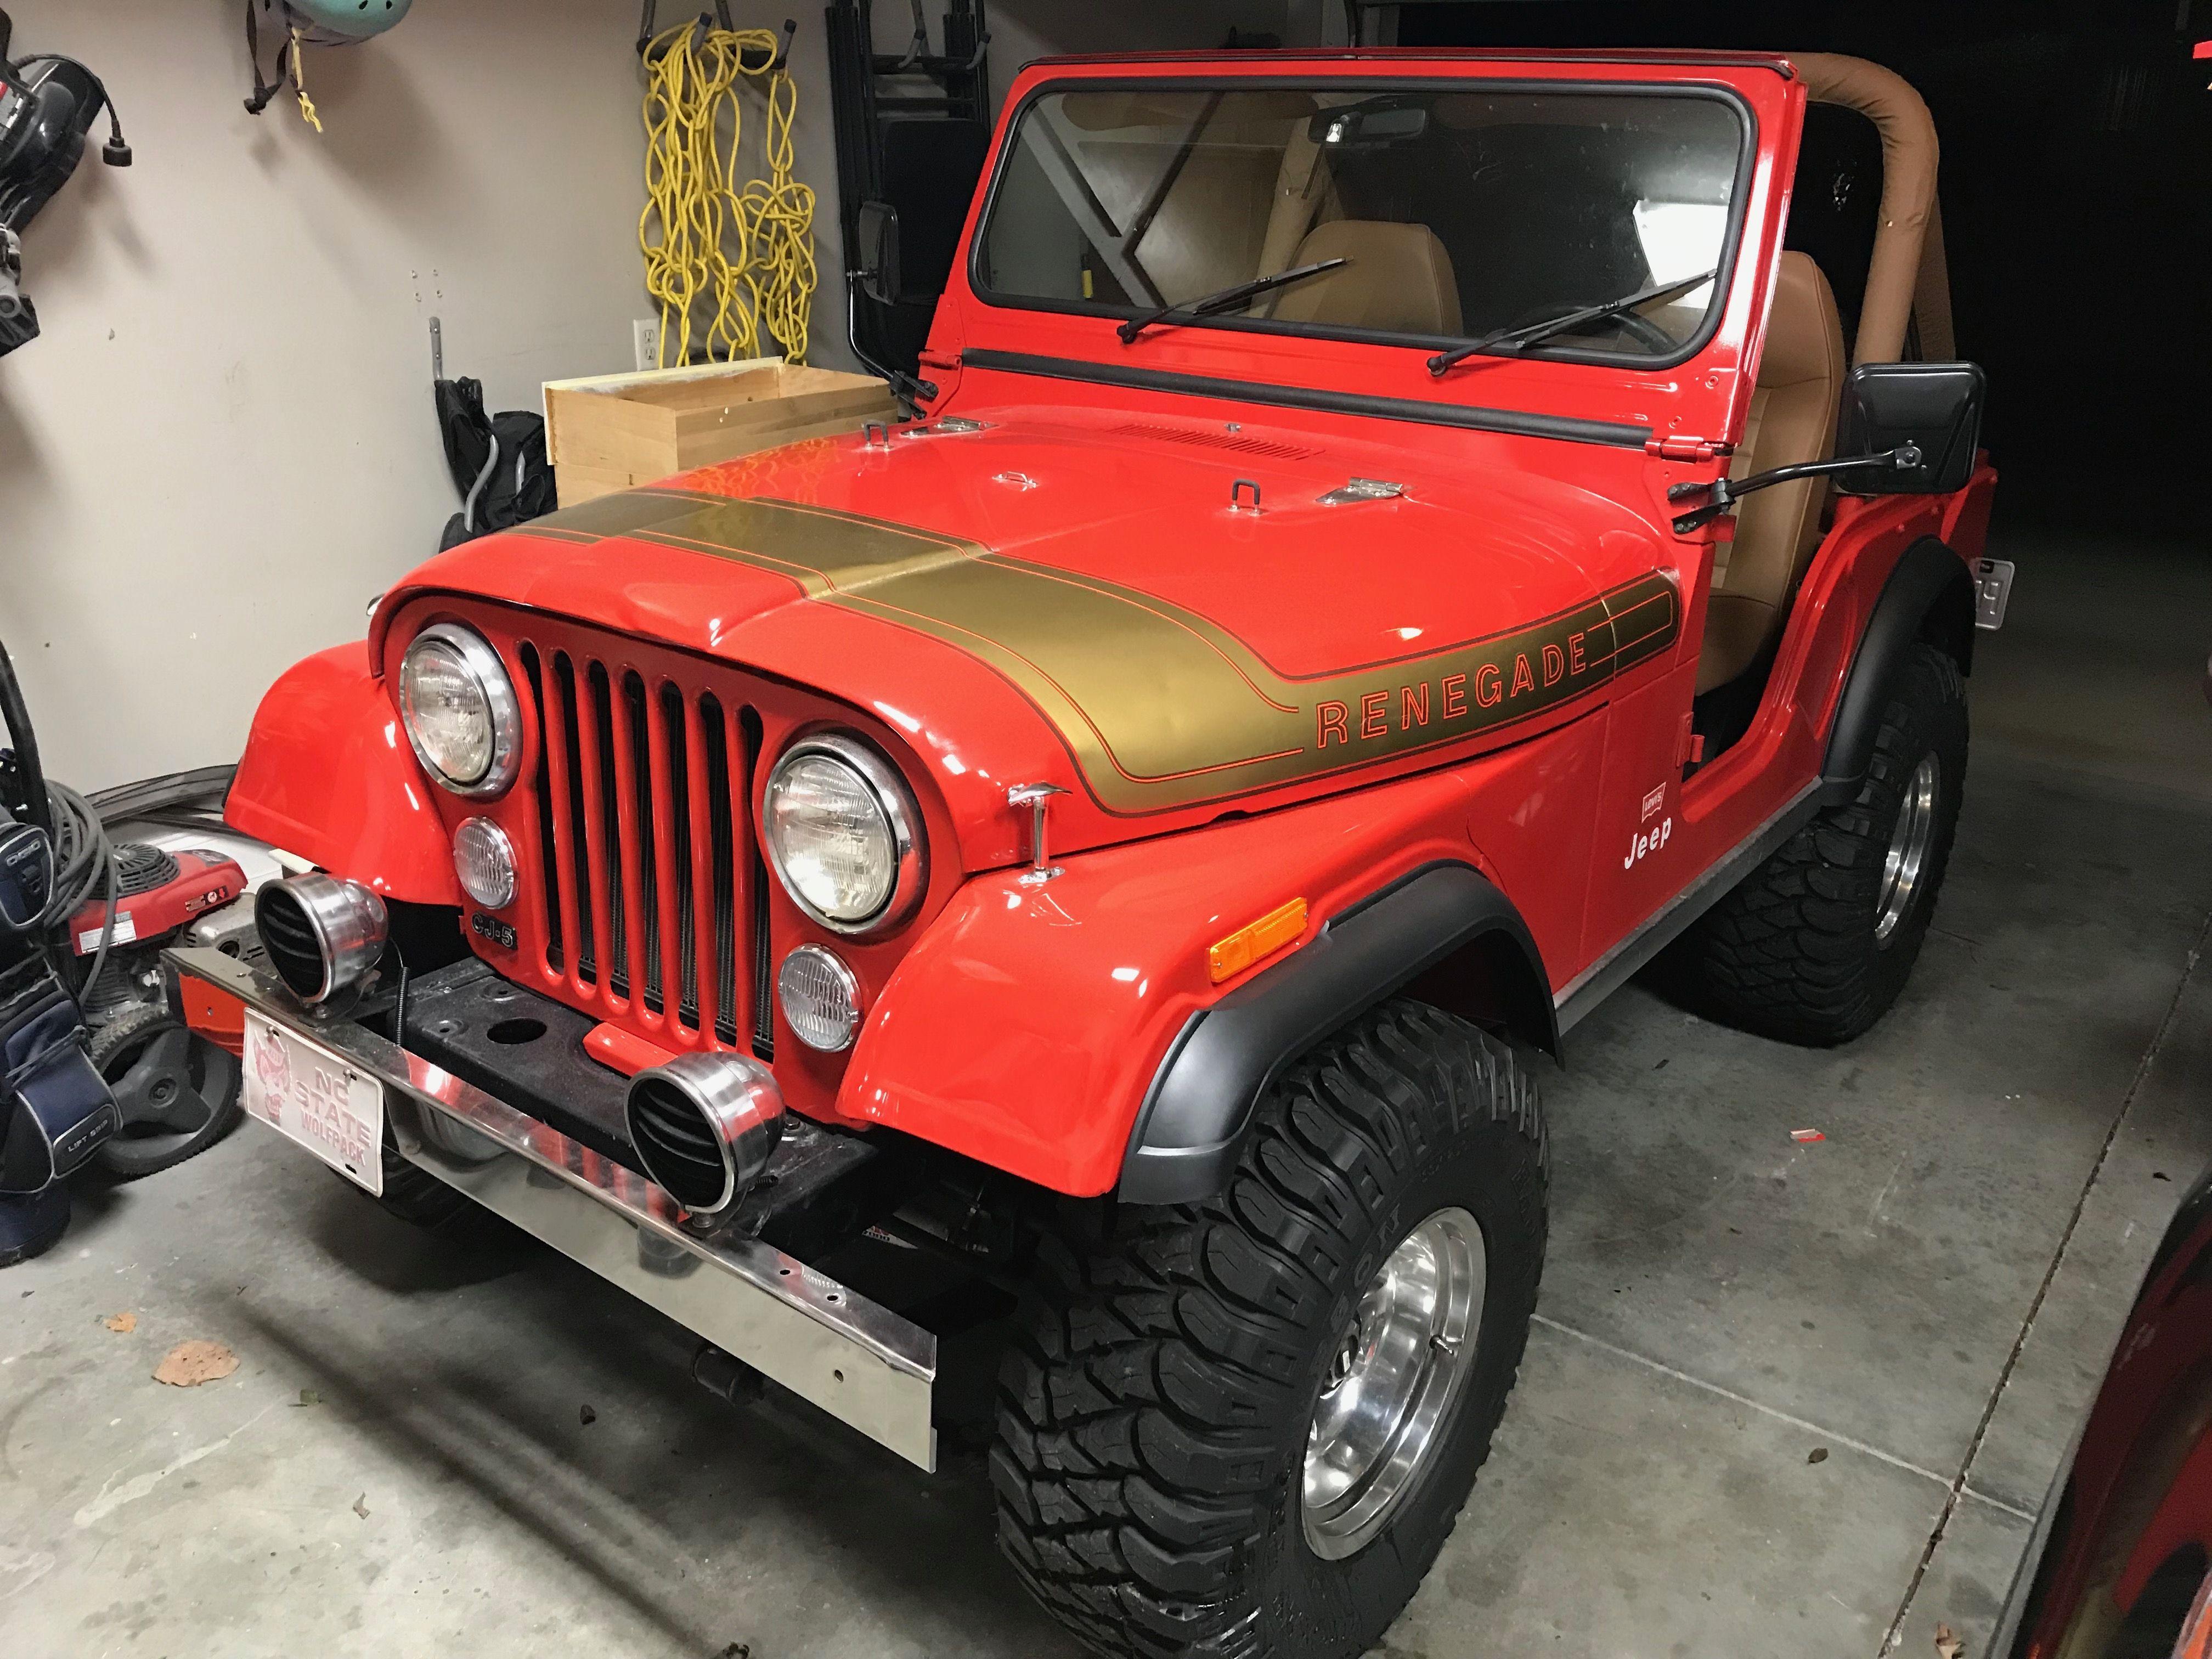 CJ5 red renegade | Jeep CJ | Pinterest | Jeeps, Jeep truck and Jeep jeep